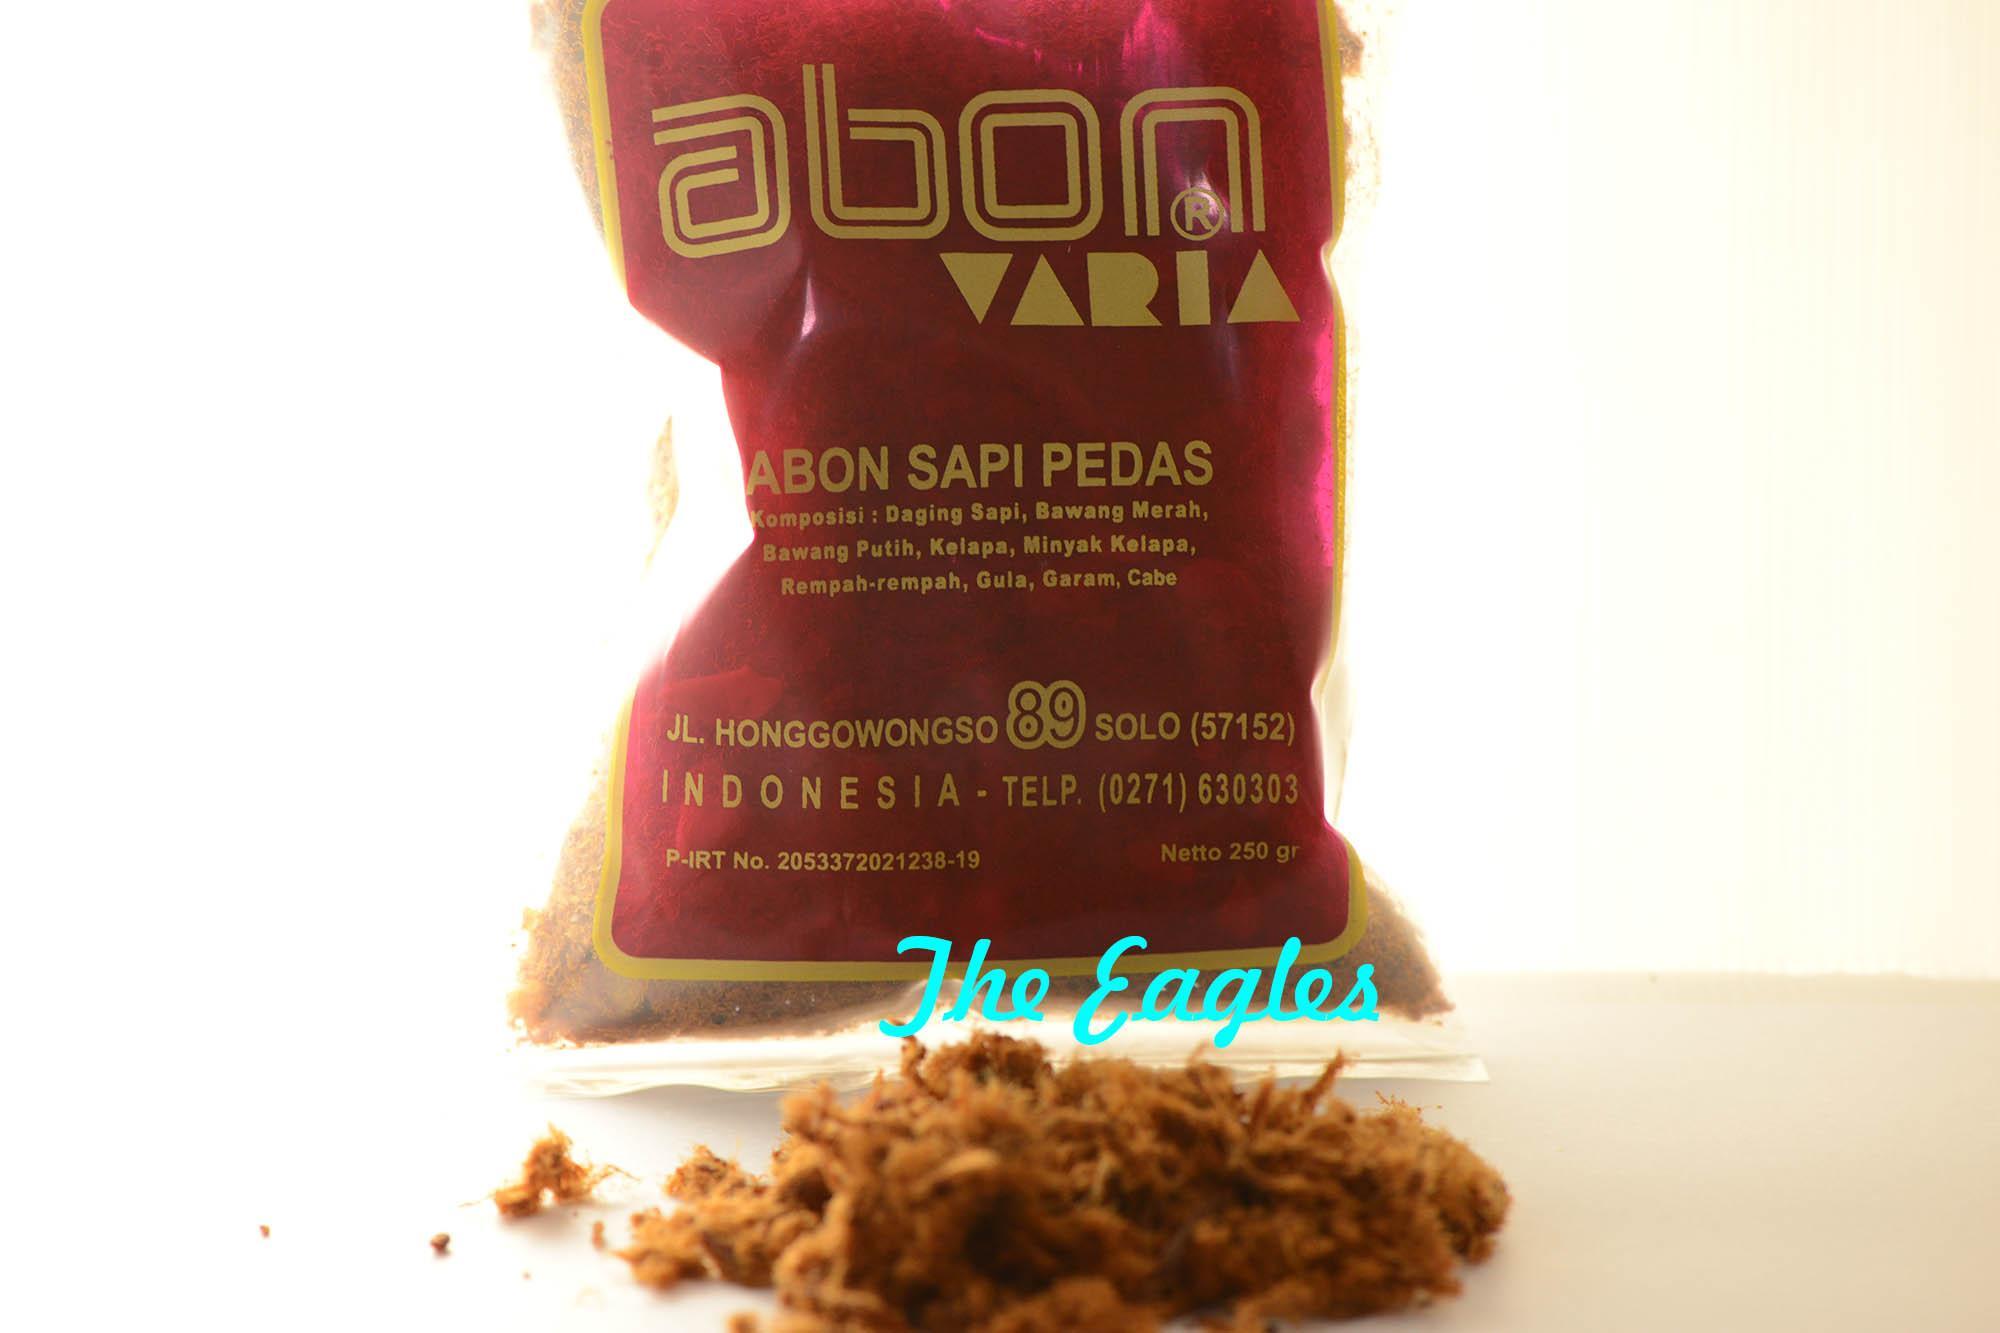 Abon Sapi pedas VARIA 250gr Oleh tradisional khas SOLO enak gurih snack camilan goreng kering cita